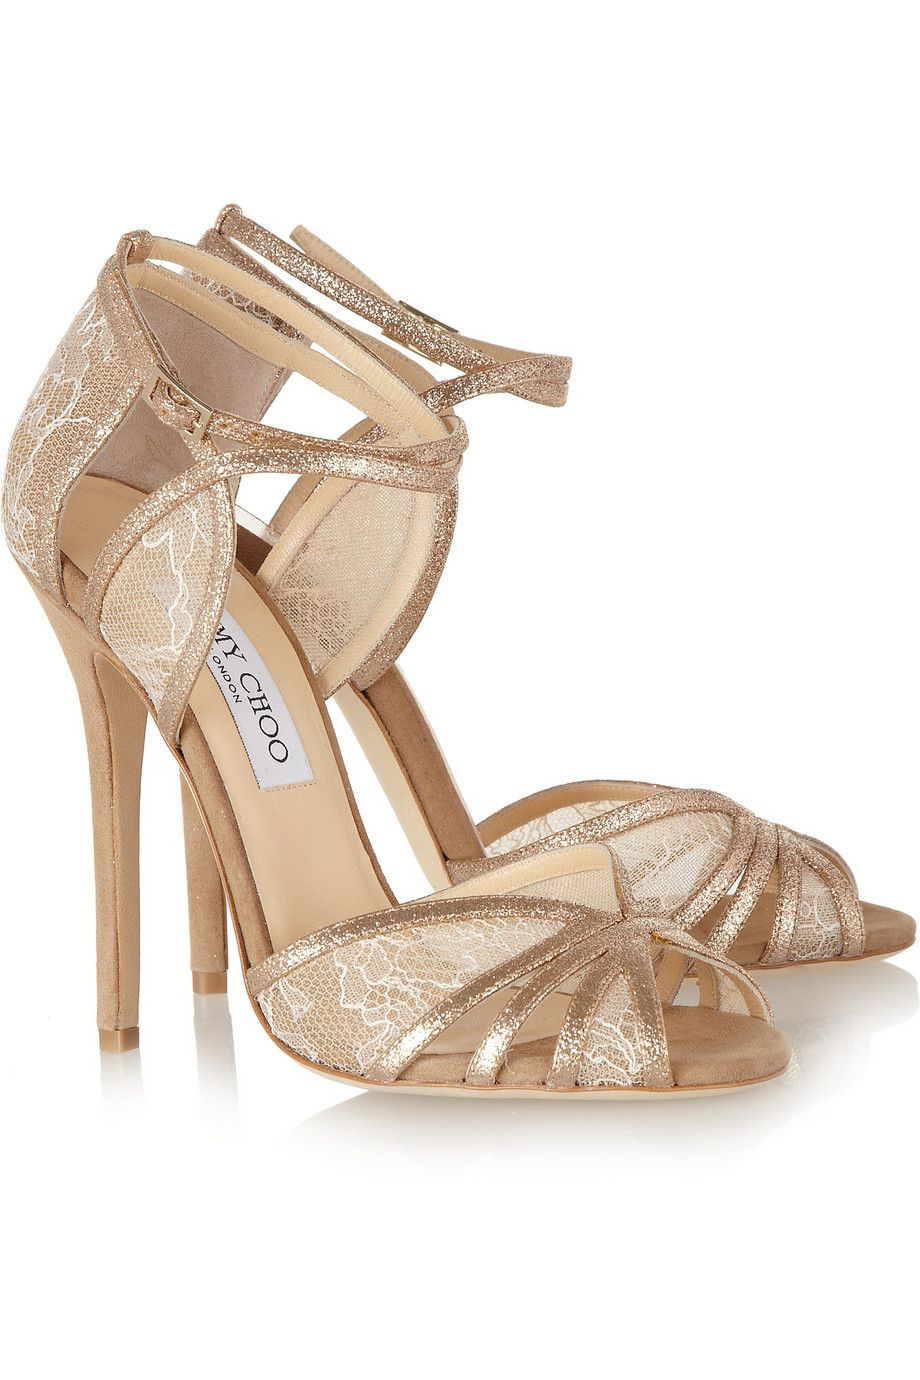 amazon 100% de qualité supérieure haut de gamme véritable Chaussures de mariage / wedding shoes Jimmy Choo Sandales à ...